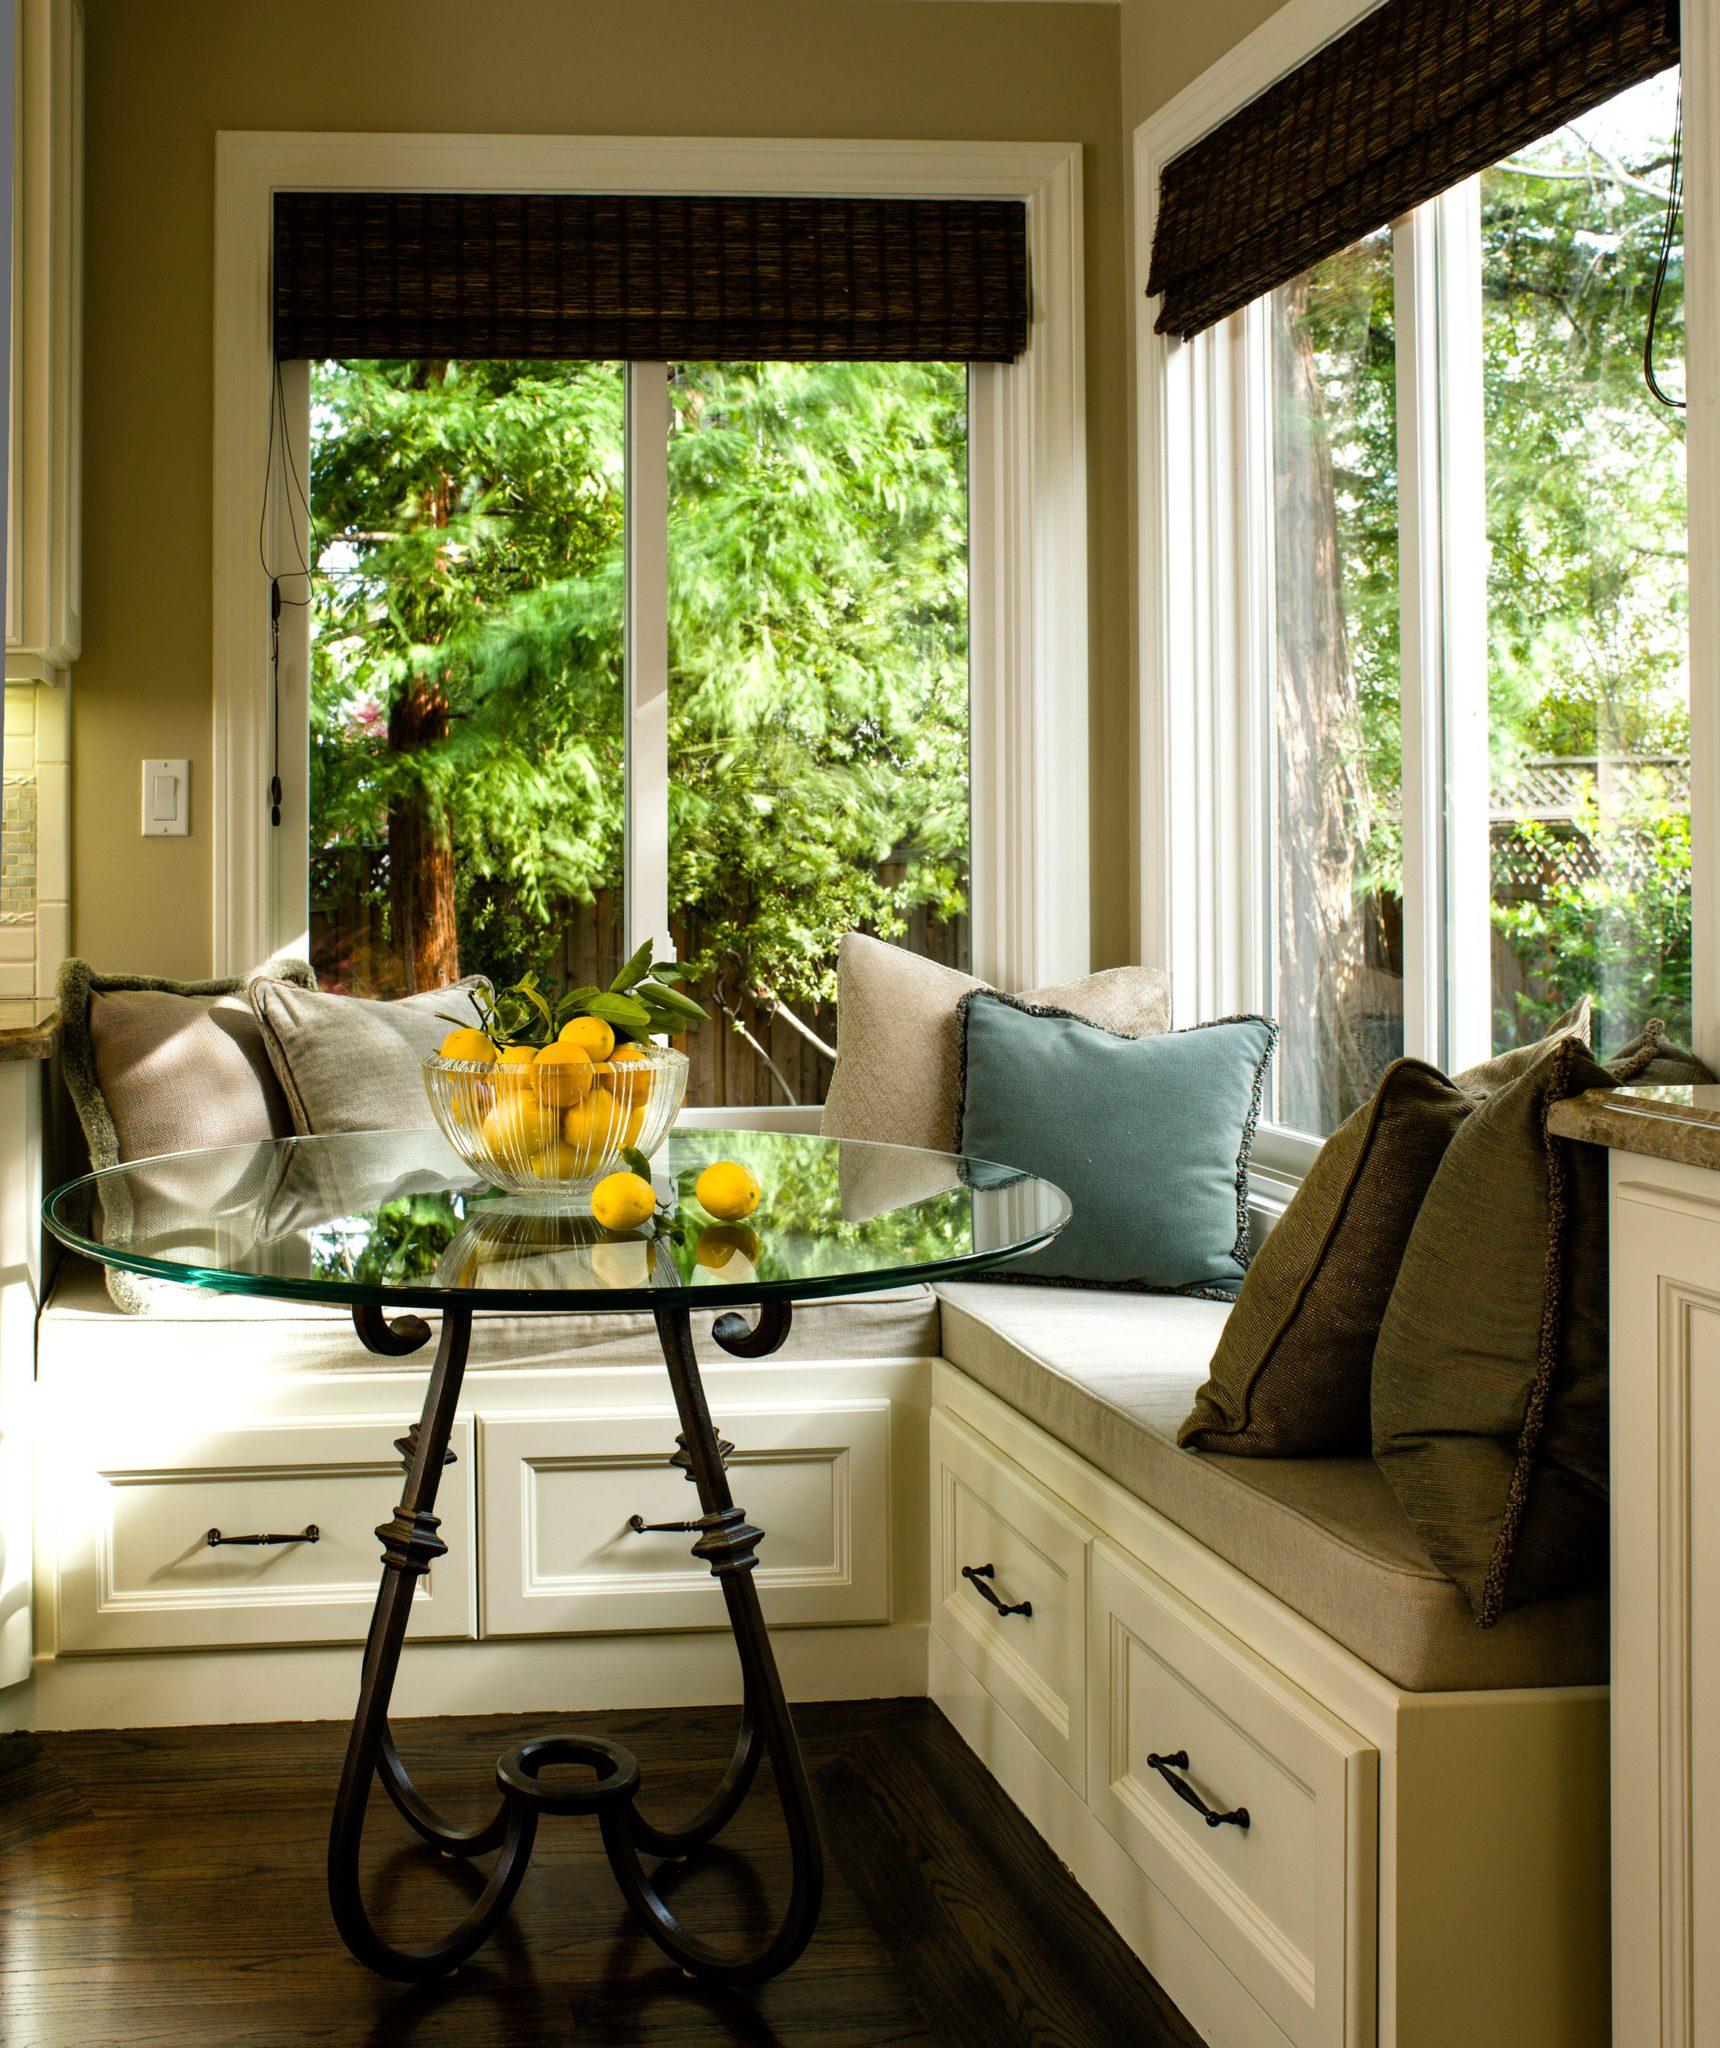 Interior design byJulianne Quelle Design